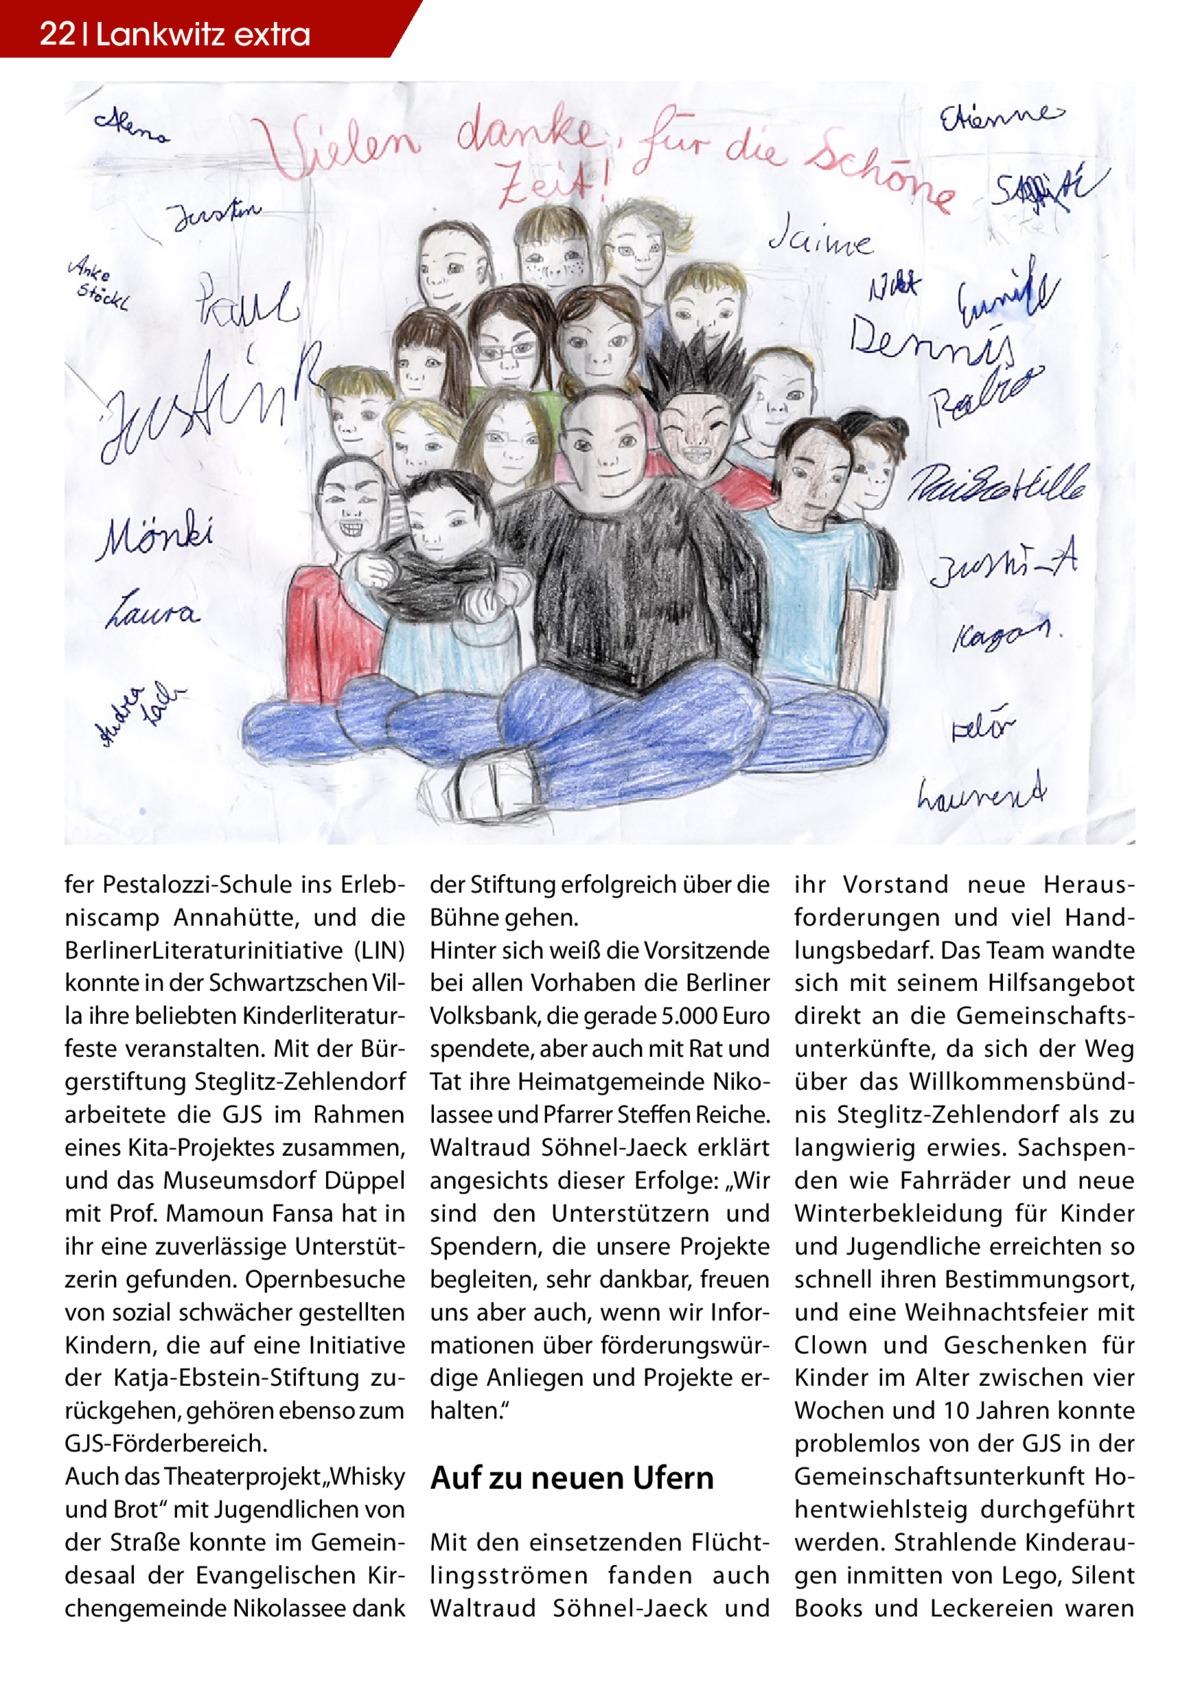 """22 Lankwitz STLW extra  fer Pestalozzi-Schule ins Erlebniscamp Annahütte, und die BerlinerLiteraturinitiative (LIN) konnte in der Schwartzschen Villa ihre beliebten Kinderliteraturfeste veranstalten. Mit der Bürgerstiftung Steglitz-Zehlendorf arbeitete die GJS im Rahmen eines Kita-Projektes zusammen, und das Museumsdorf Düppel mit Prof. Mamoun Fansa hat in ihr eine zuverlässige Unterstützerin gefunden. Opernbesuche von sozial schwächer gestellten Kindern, die auf eine Initiative der Katja-Ebstein-Stiftung zurückgehen, gehören ebenso zum GJS-Förderbereich. Auch das Theaterprojekt """"Whisky und Brot"""" mit Jugendlichen von der Straße konnte im Gemeindesaal der Evangelischen Kirchengemeinde Nikolassee dank  der Stiftung erfolgreich über die Bühne gehen. Hinter sich weiß die Vorsitzende bei allen Vorhaben die Berliner Volksbank, die gerade 5.000Euro spendete, aber auch mit Rat und Tat ihre Heimatgemeinde Nikolassee und Pfarrer Steffen Reiche. Waltraud Söhnel-Jaeck erklärt angesichts dieser Erfolge: """"Wir sind den Unterstützern und Spendern, die unsere Projekte begleiten, sehr dankbar, freuen uns aber auch, wenn wir Informationen über förderungswürdige Anliegen und Projekte erhalten.""""  ihr Vorstand neue Herausforderungen und viel Handlungsbedarf. Das Team wandte sich mit seinem Hilfsangebot direkt an die Gemeinschaftsunterkünfte, da sich der Weg über das Willkommensbündnis Steglitz-Zehlendorf als zu langwierig erwies. Sachspenden wie Fahrräder und neue Winterbekleidung für Kinder und Jugendliche erreichten so schnell ihren Bestimmungsort, und eine Weihnachtsfeier mit Clown und Geschenken für Kinder im Alter zwischen vier Wochen und 10Jahren konnte problemlos von der GJS in der Gemeinschaftsunterkunft HoAuf zu neuen Ufern hentwiehlsteig durchgeführt Mit den einsetzenden Flücht- werden. Strahlende Kinderaulingsströmen fanden auch gen inmitten von Lego, Silent Waltraud Söhnel-Jaeck und Books und Leckereien waren"""